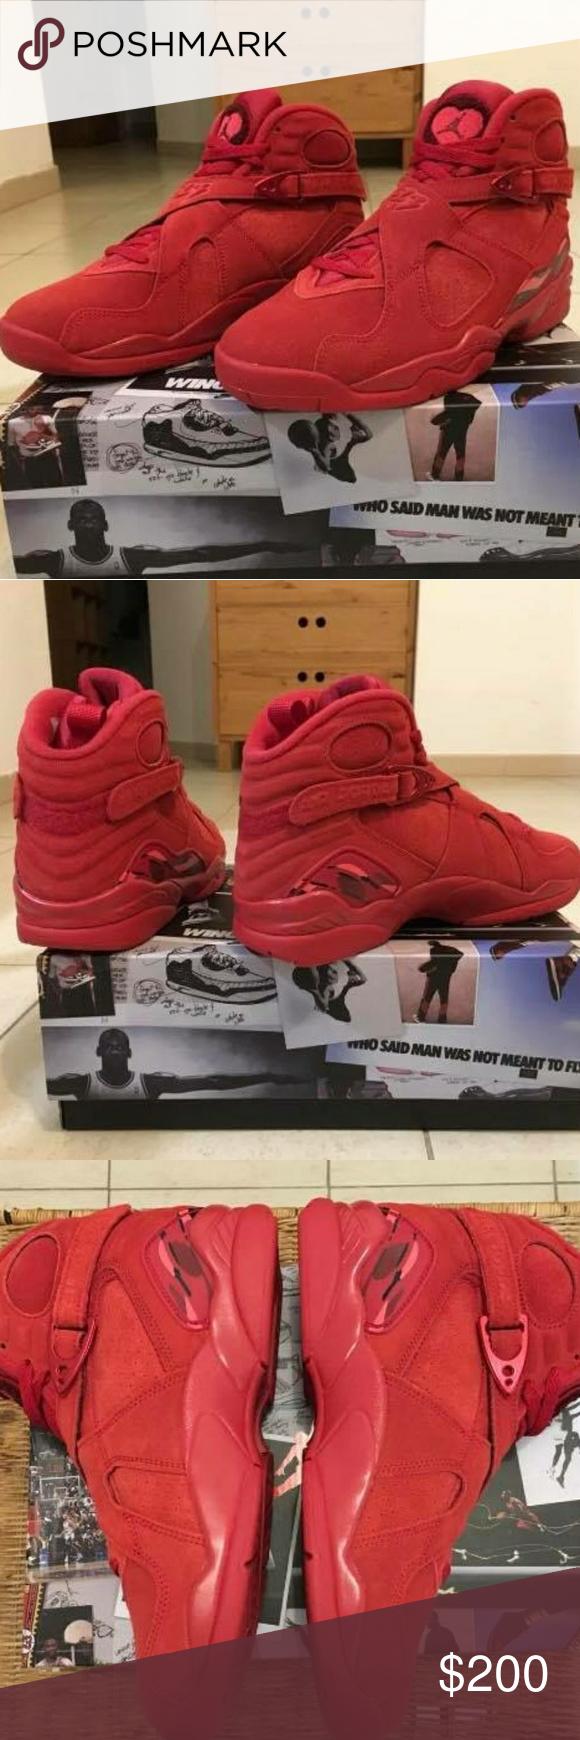 Jordan 8 Valentine S Day W Receipt Brand New 100 Authentic